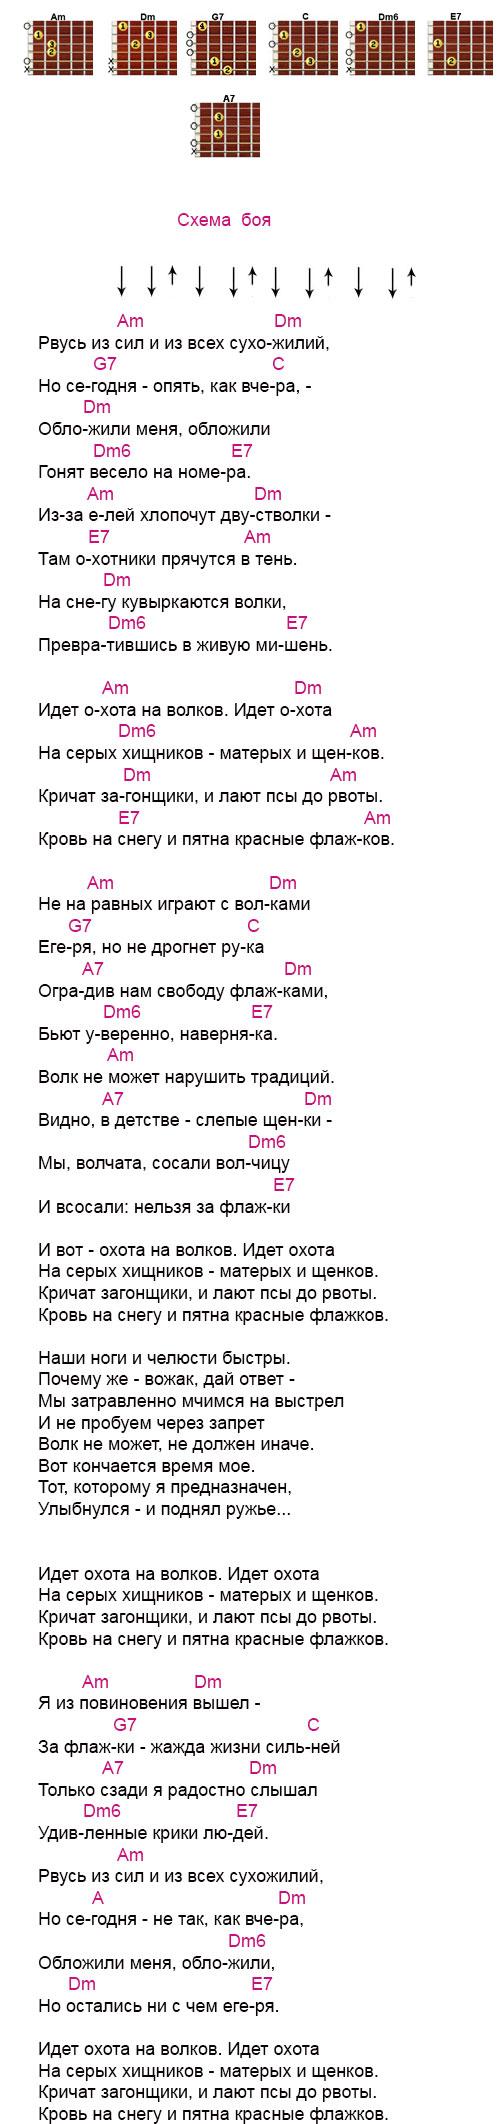 Виктор Цой - Алюминиевые огурцы, аккорды для гитары 64